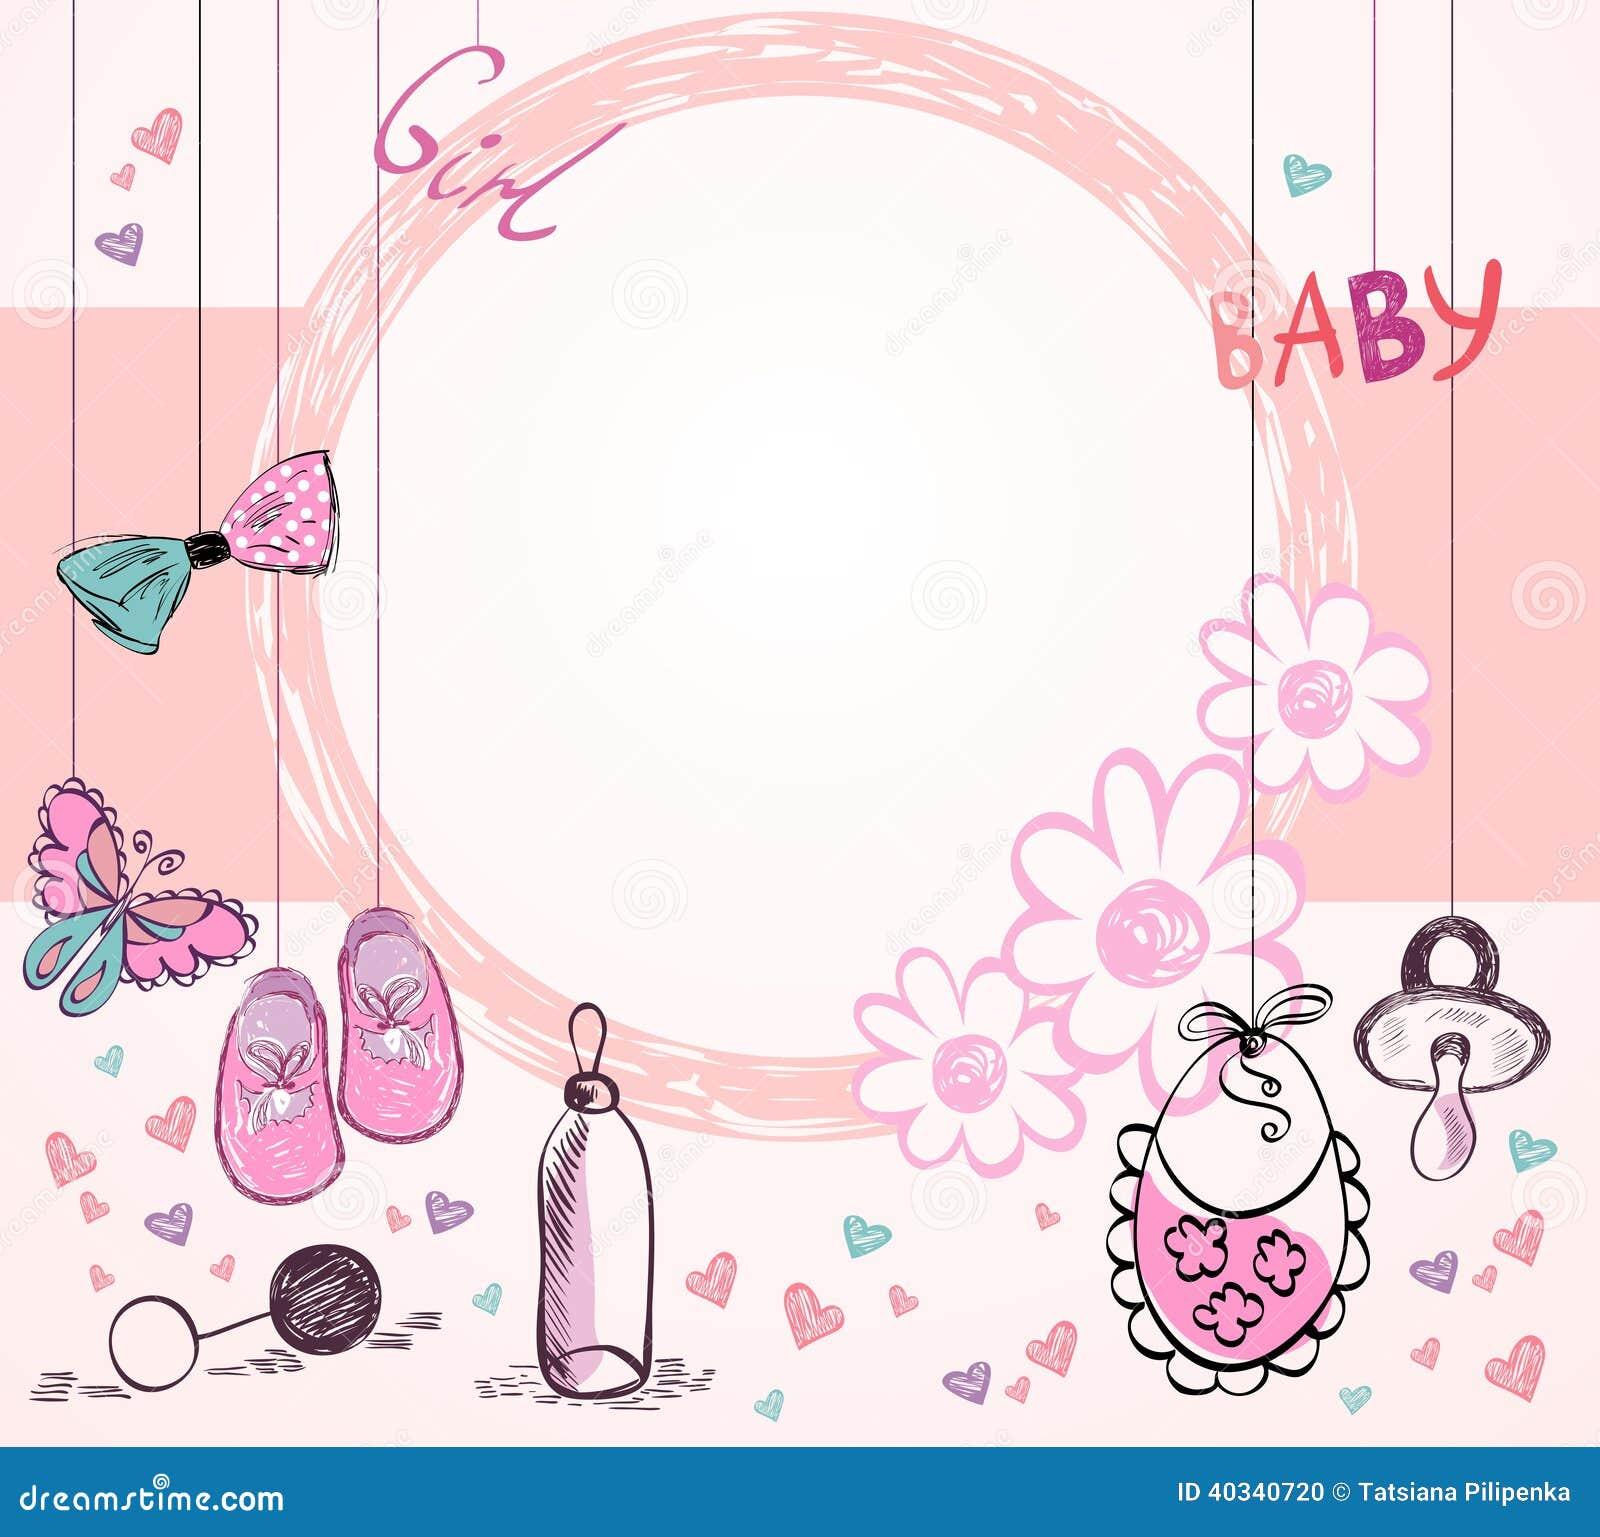 Baby-Rahmen vektor abbildung. Illustration von element - 40340720